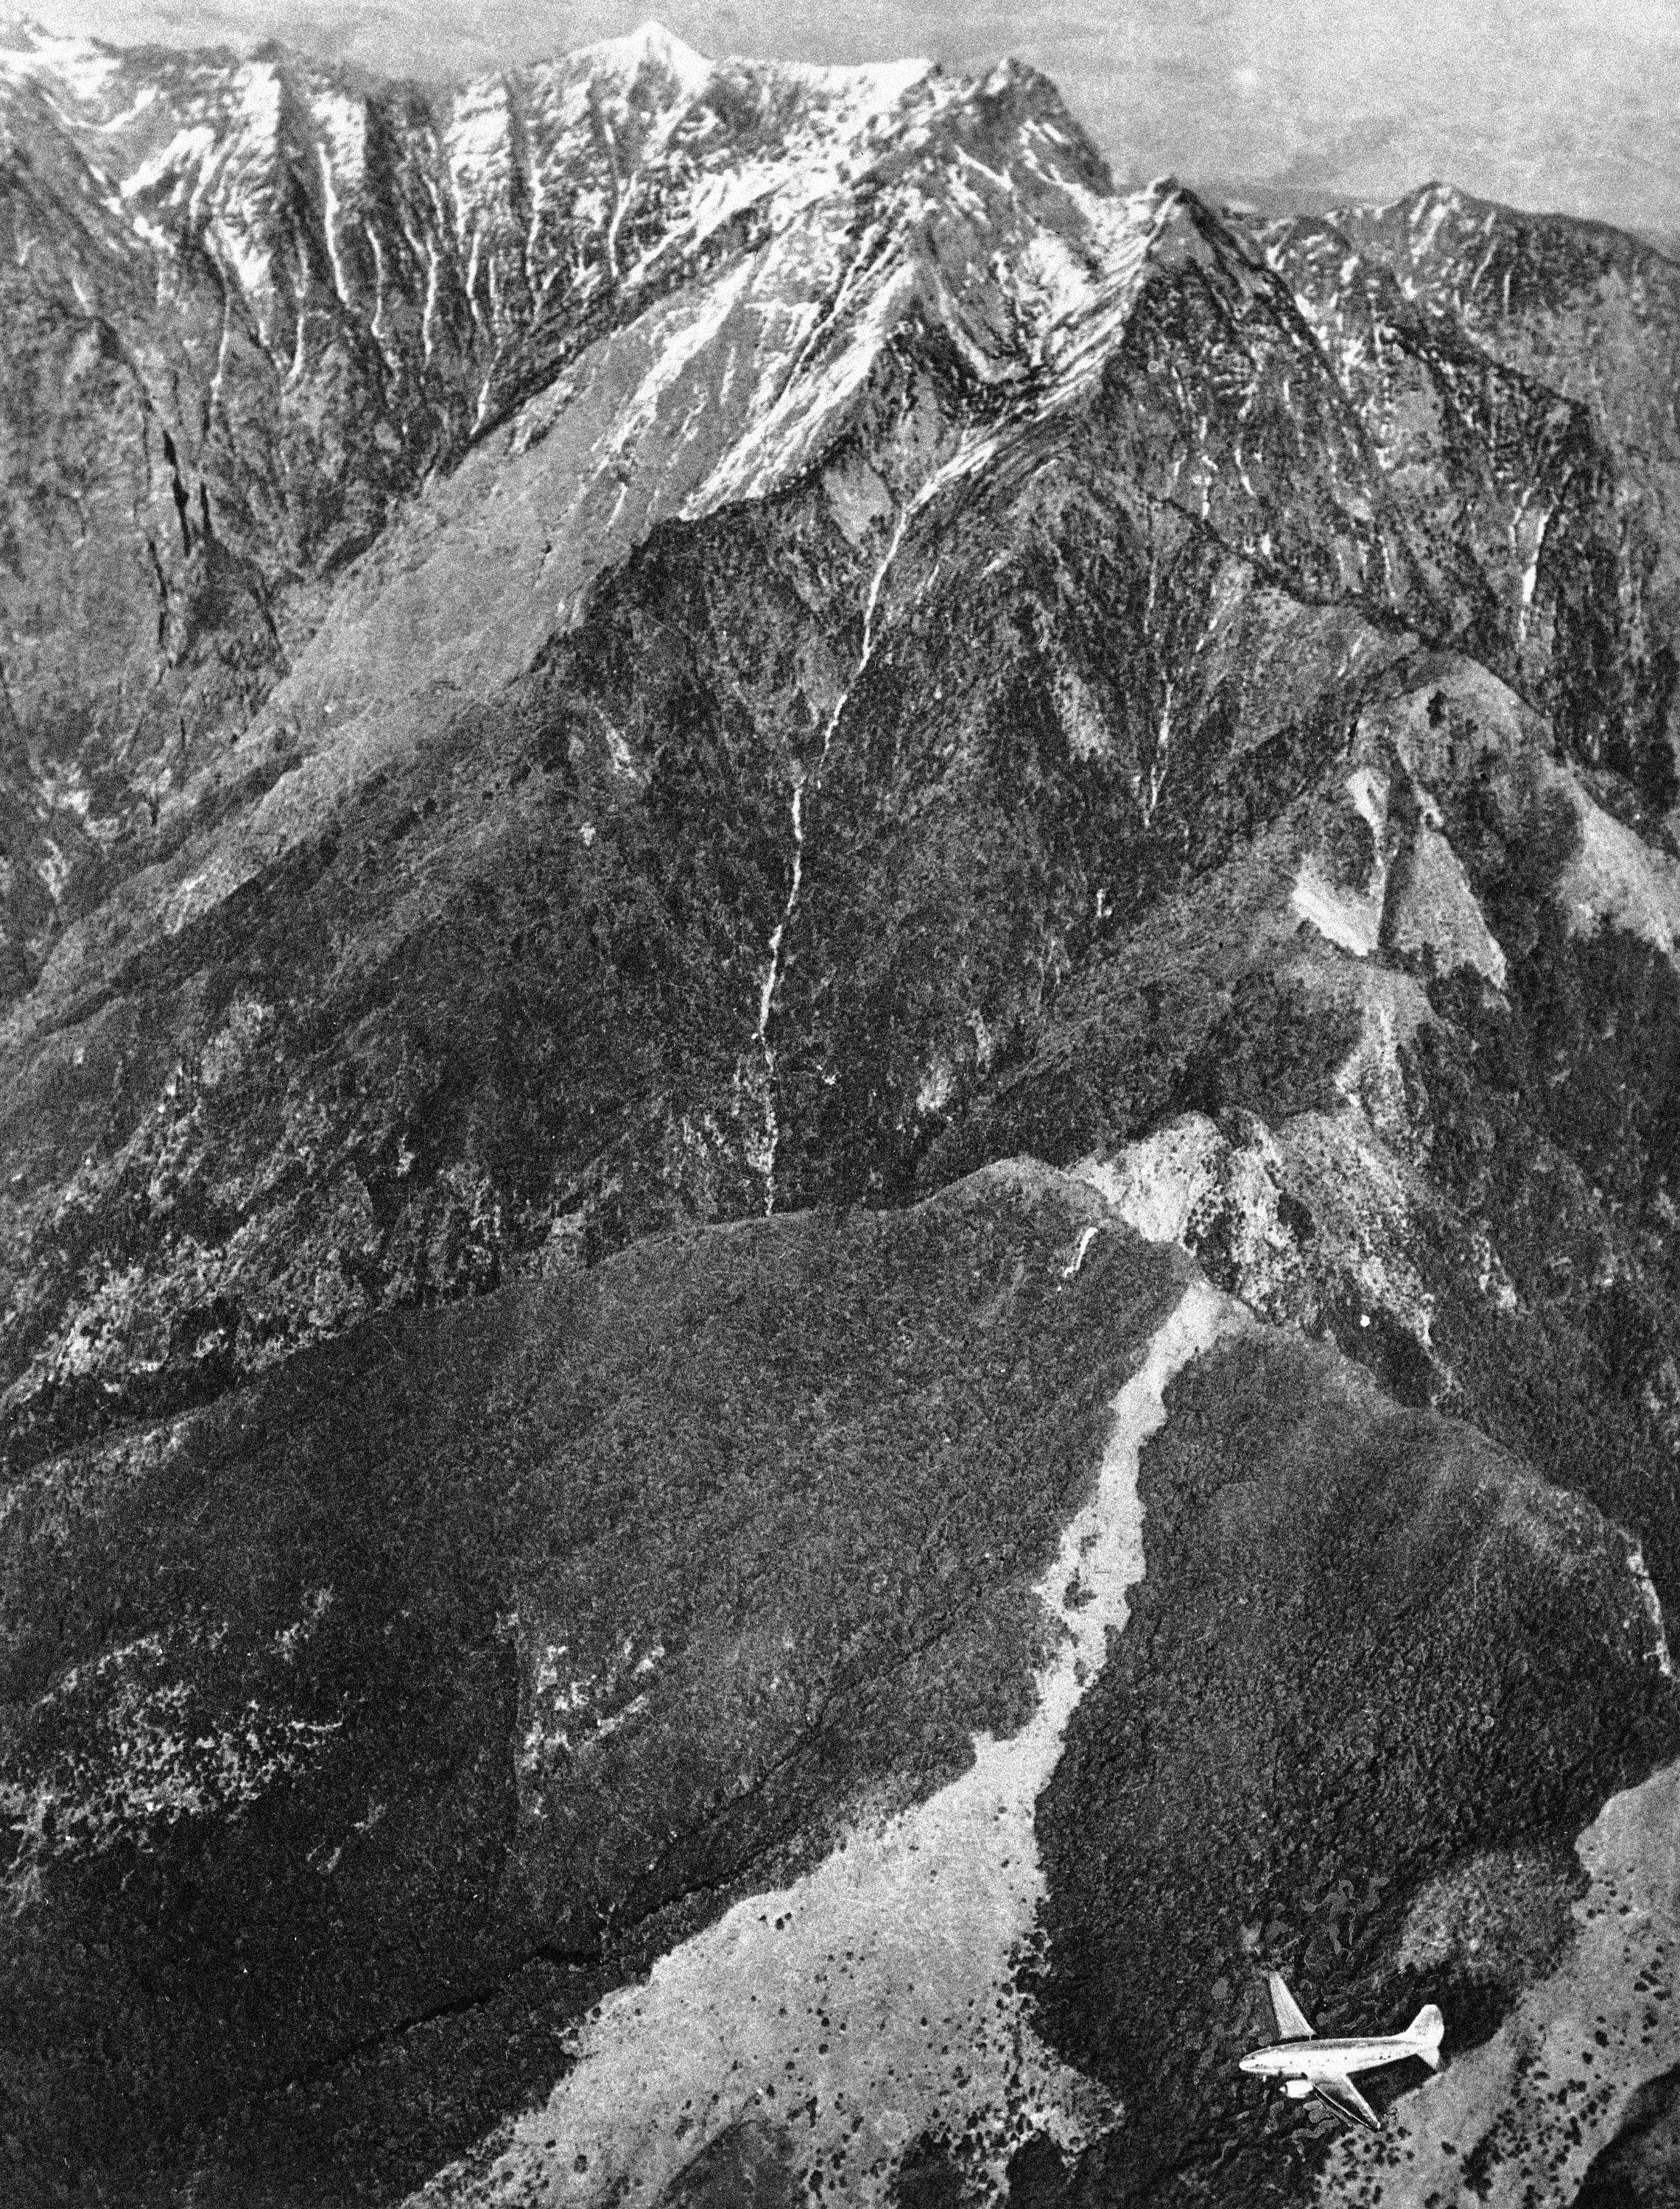 美國在二次大戰時,派空軍飛越喜馬拉雅山,載運物資援助中國。圖為一架C46運輸機正飛越駝峰。(美聯社)